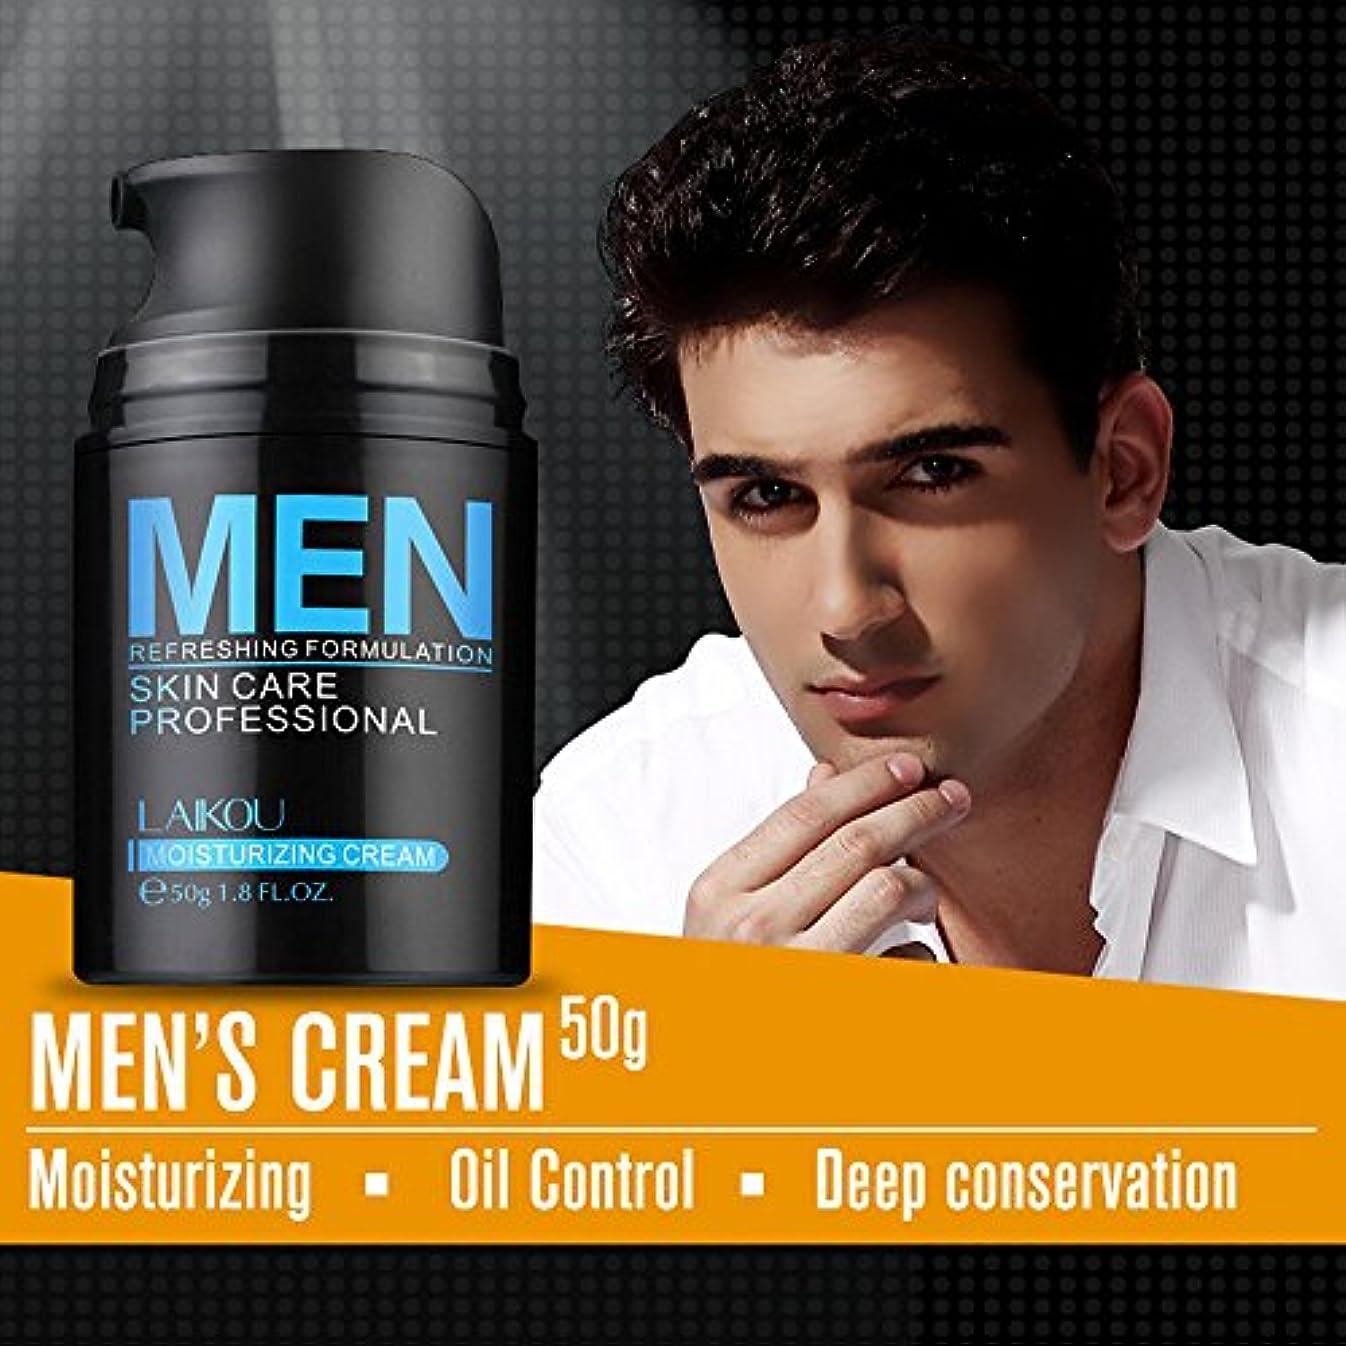 腹キャンセル地中海Akane LAIKOU 男子 押す 顔洗い 素敵 水分補給 オイルコントロール 保湿 すがすがしい 角質除去 クレンジング 浄化 使いやすい 洗顔料 アロエクリーム